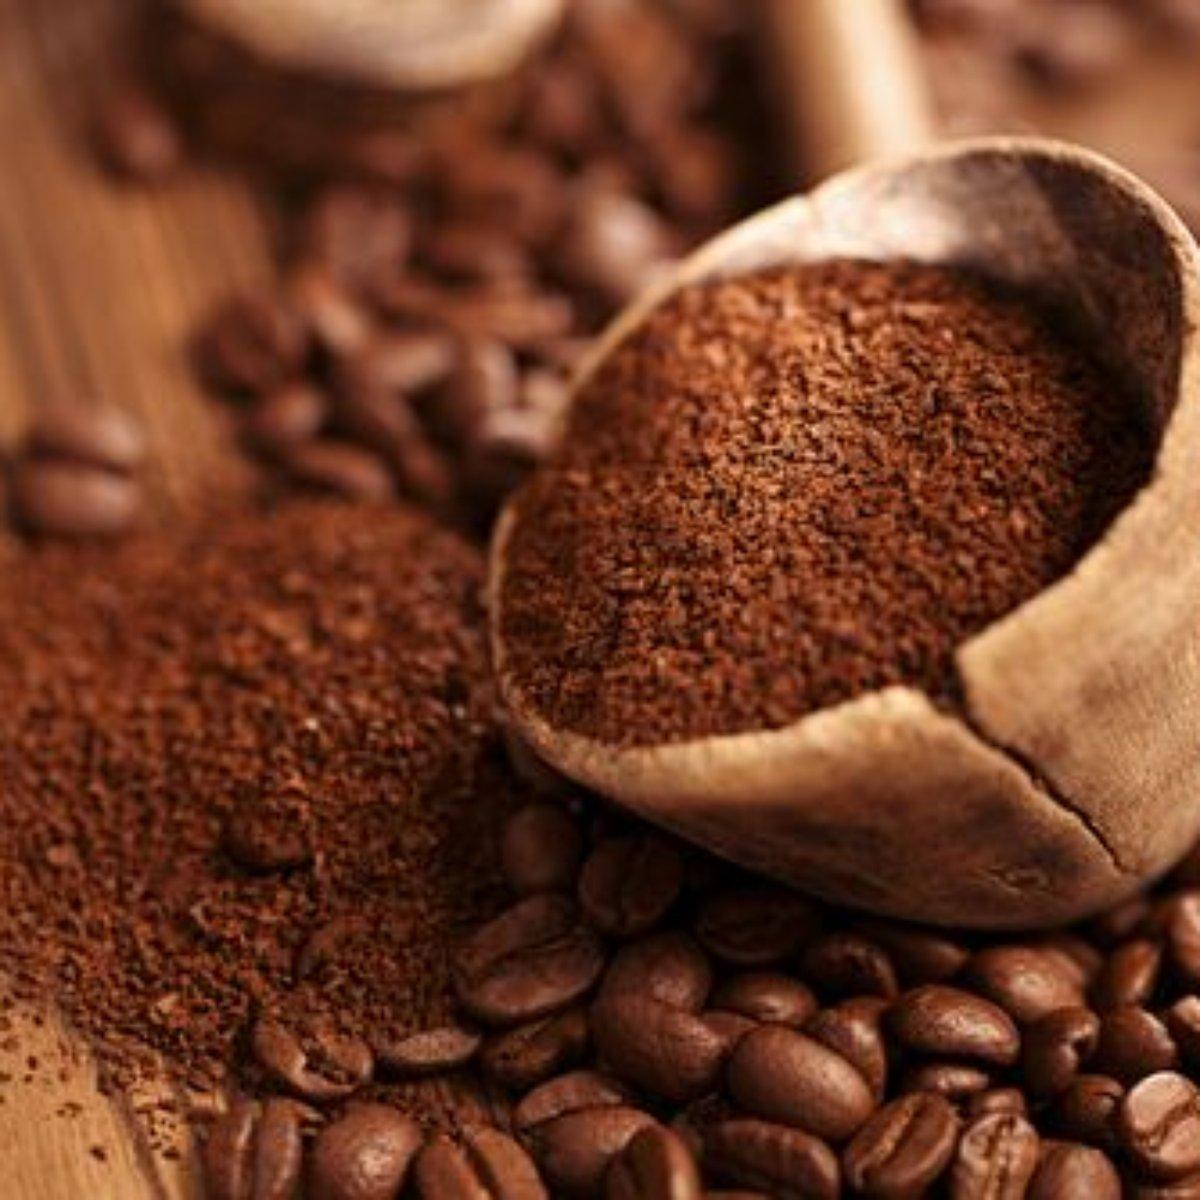 Como armazenar o café: tem que ficar na geladeira ou não?